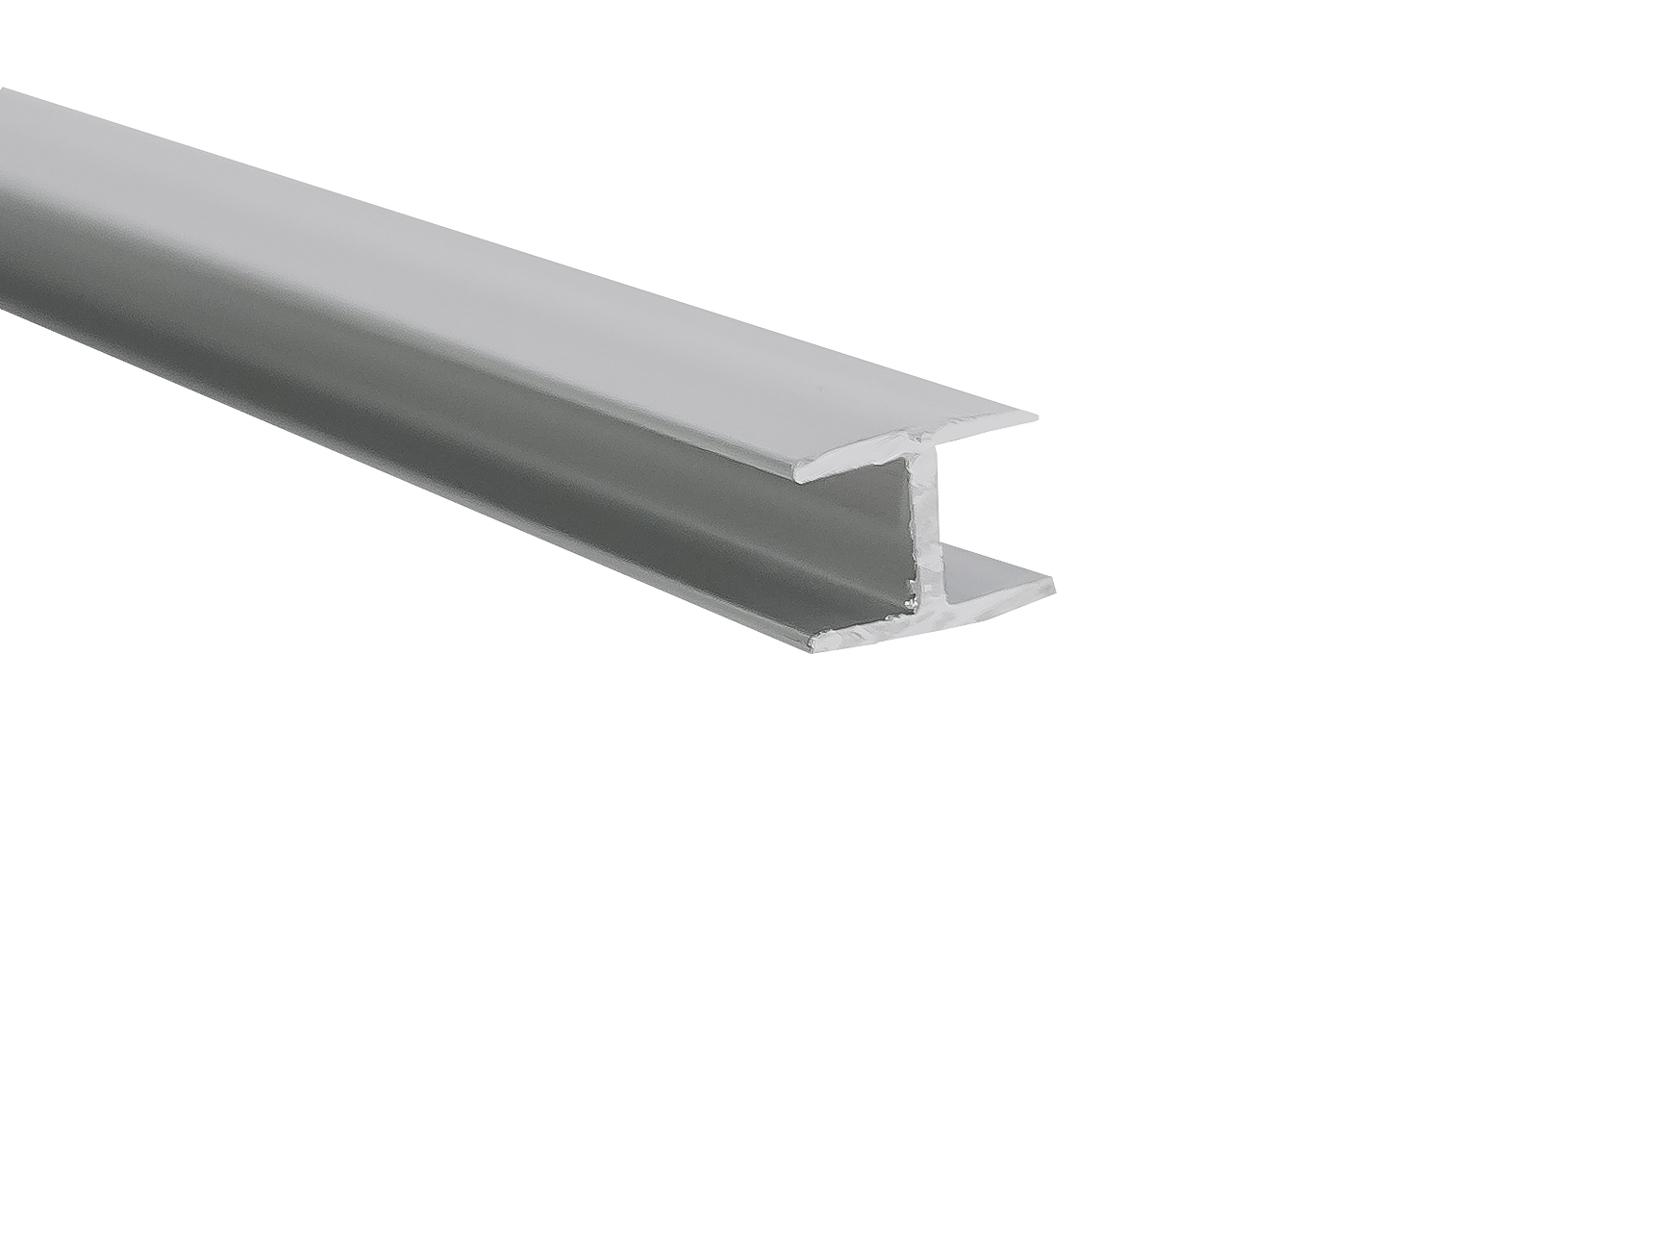 Планка Сокол Планка для стеновой панели соединительная сменная соединительная планка petzl barrette